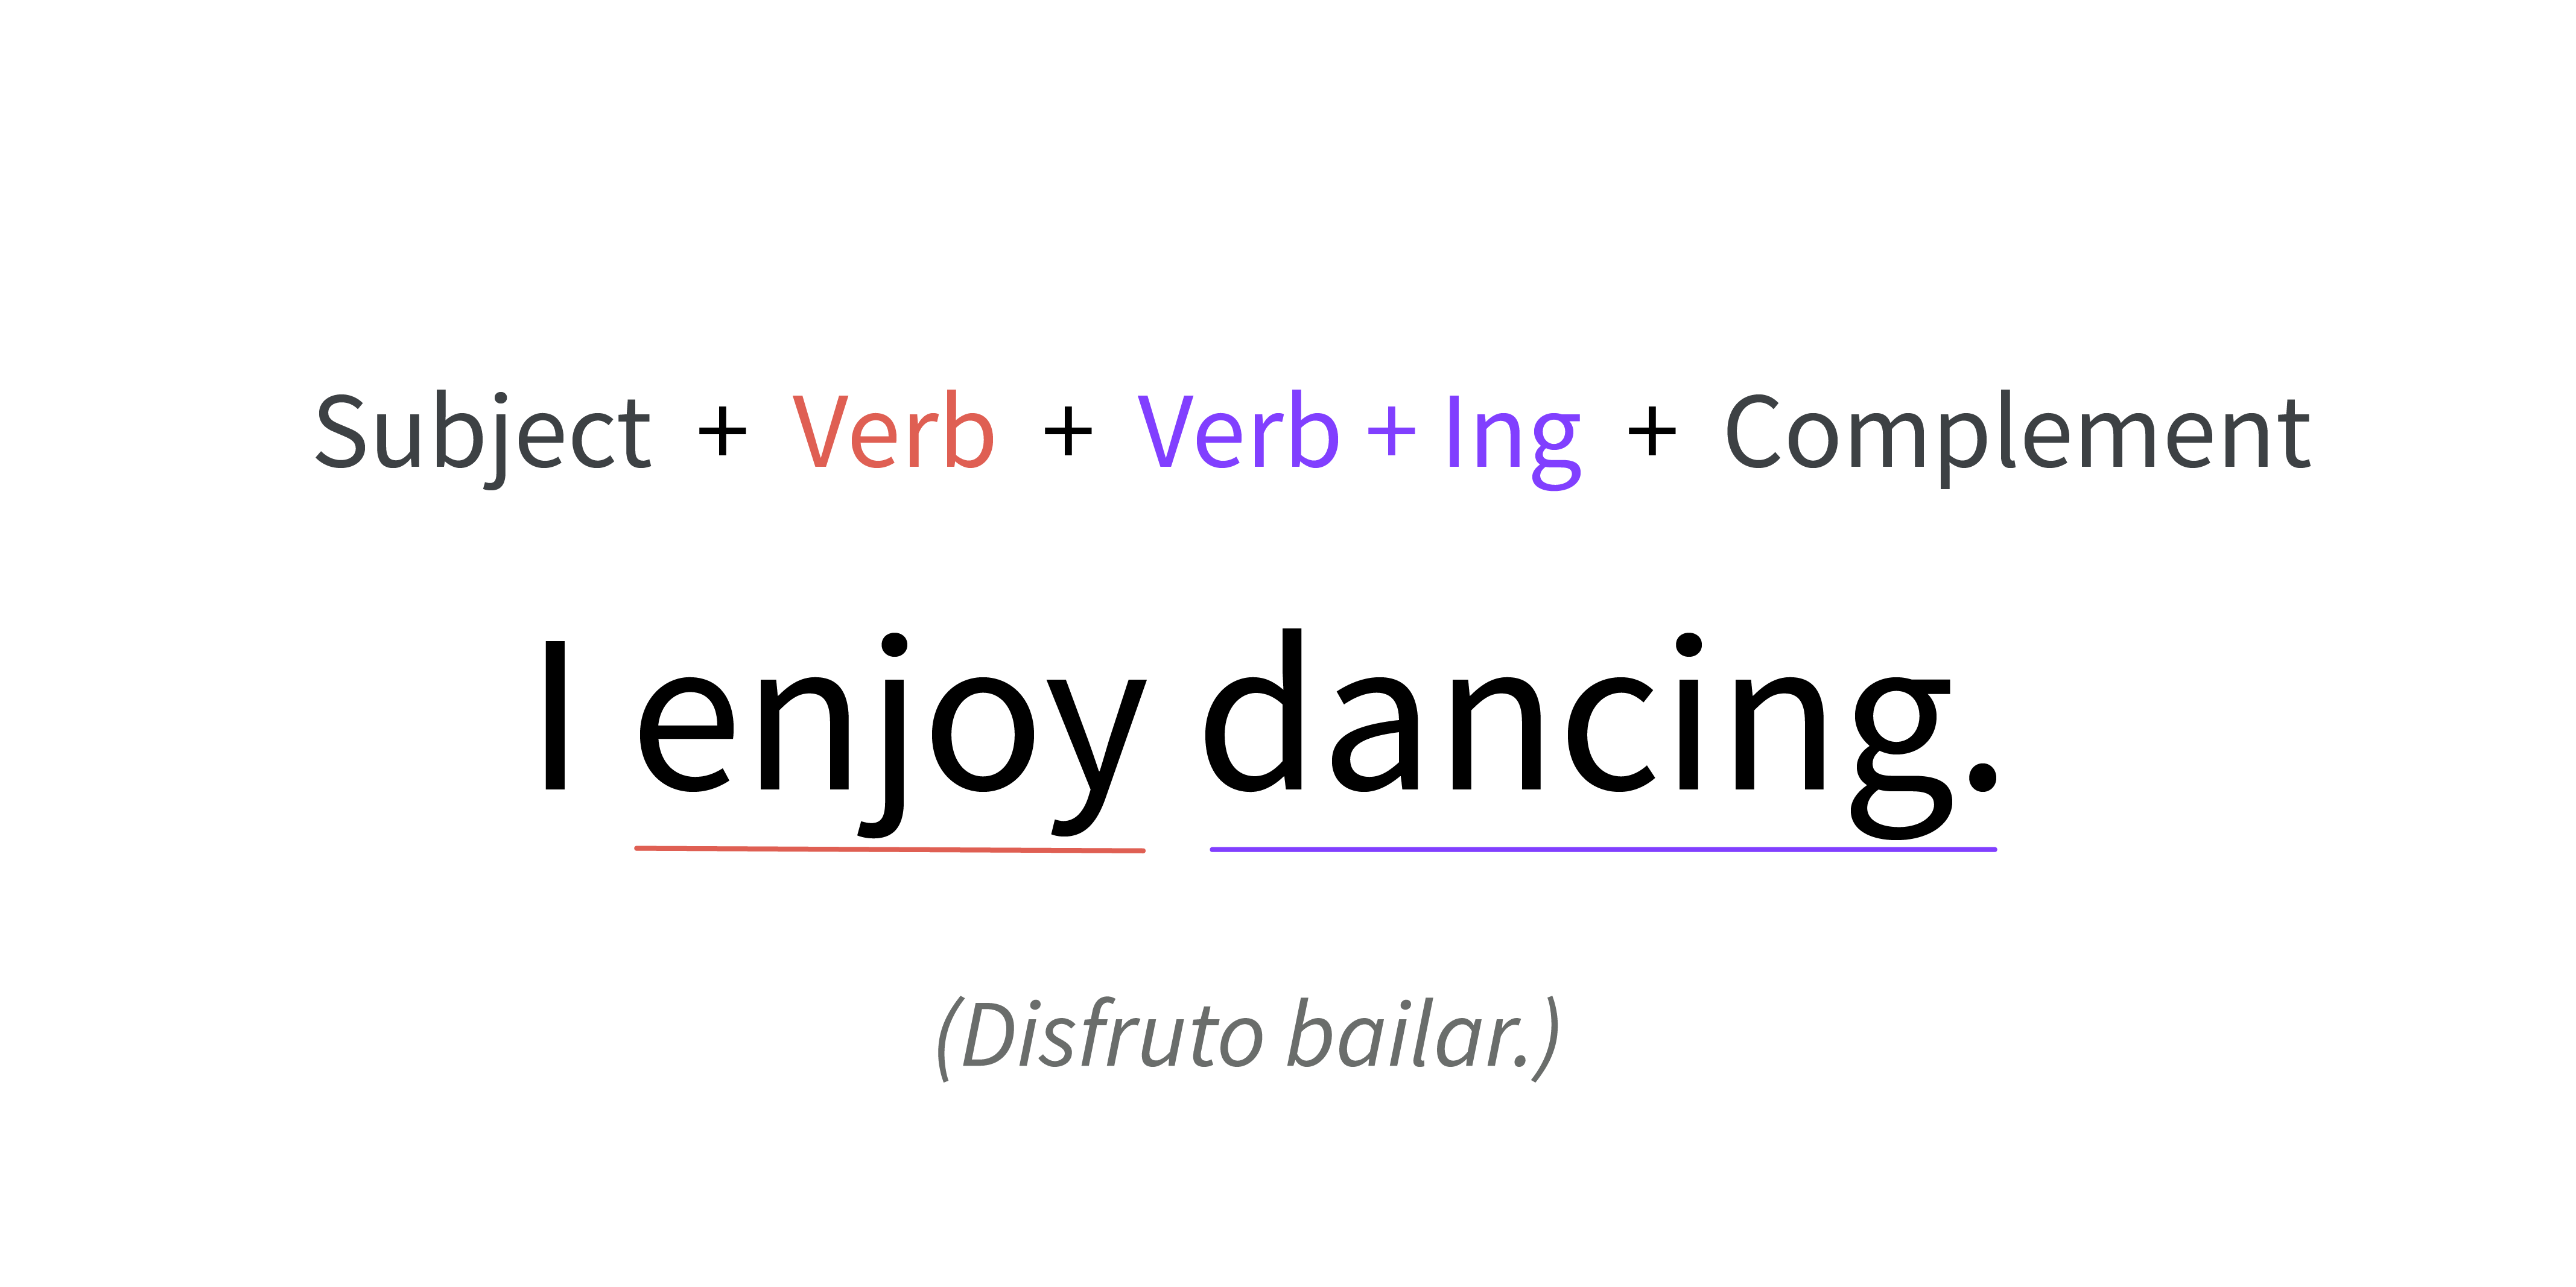 Imagen ejemplo de verb + gerund (ind).